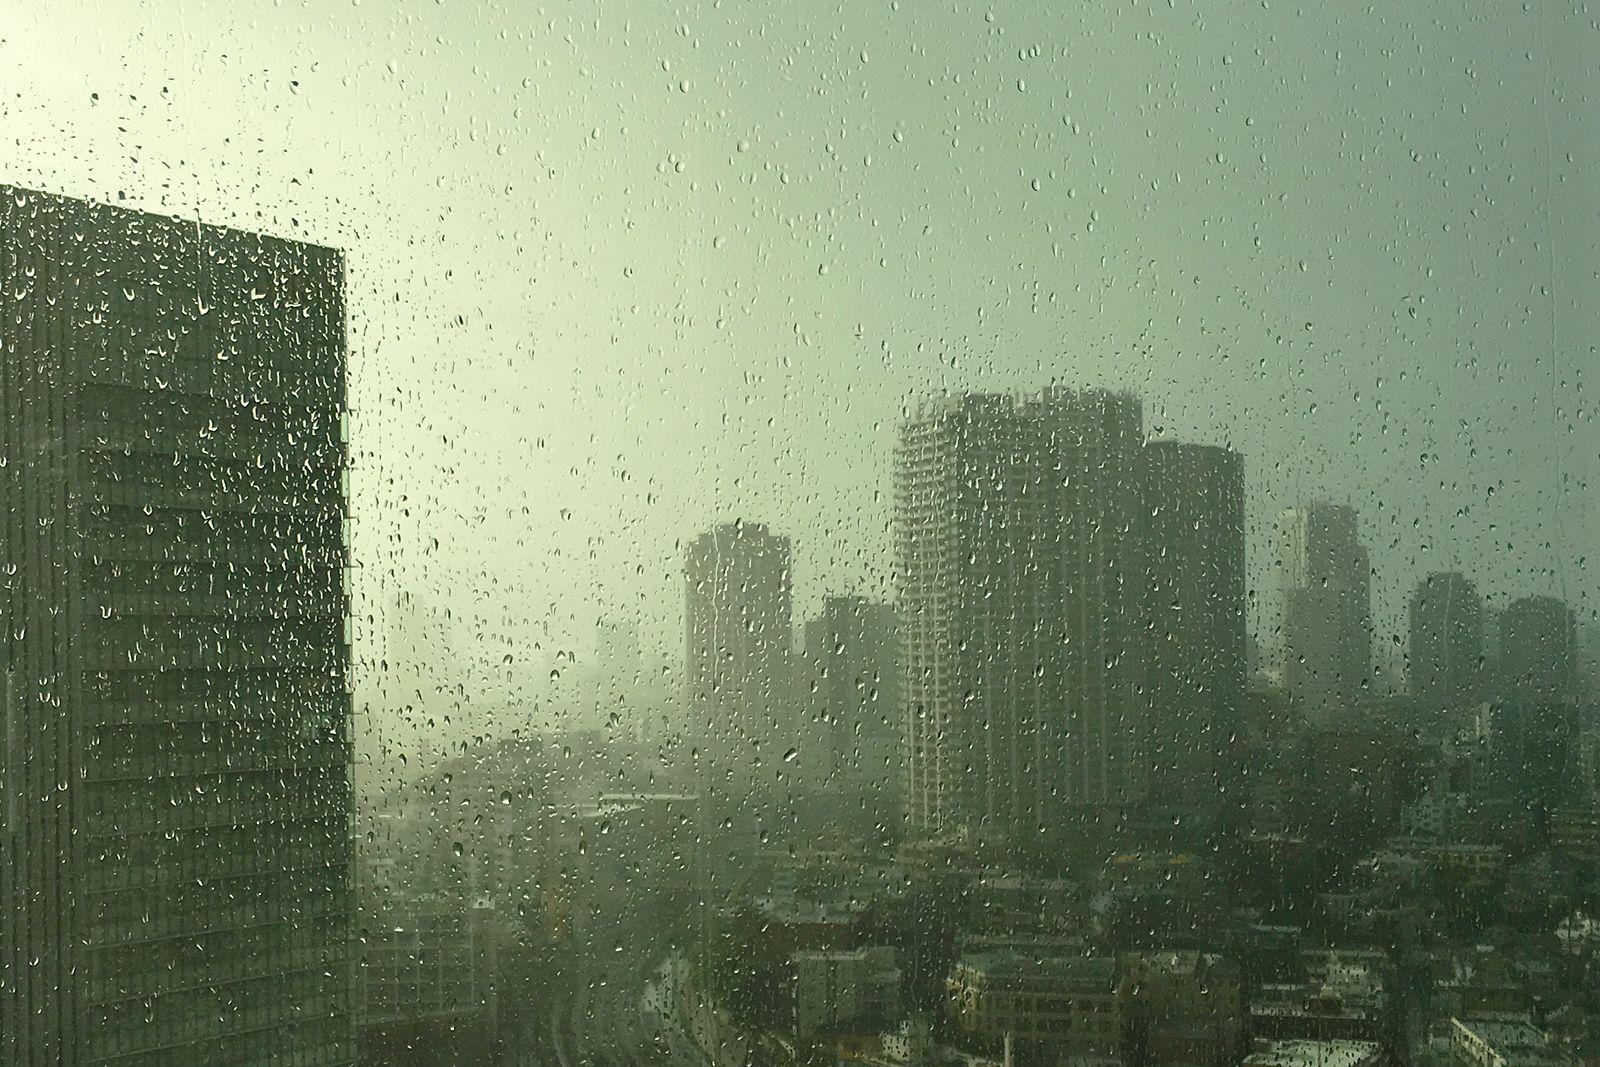 マンションの台風対策、自分たちですべきこと、管理会社にお願いしたいこと